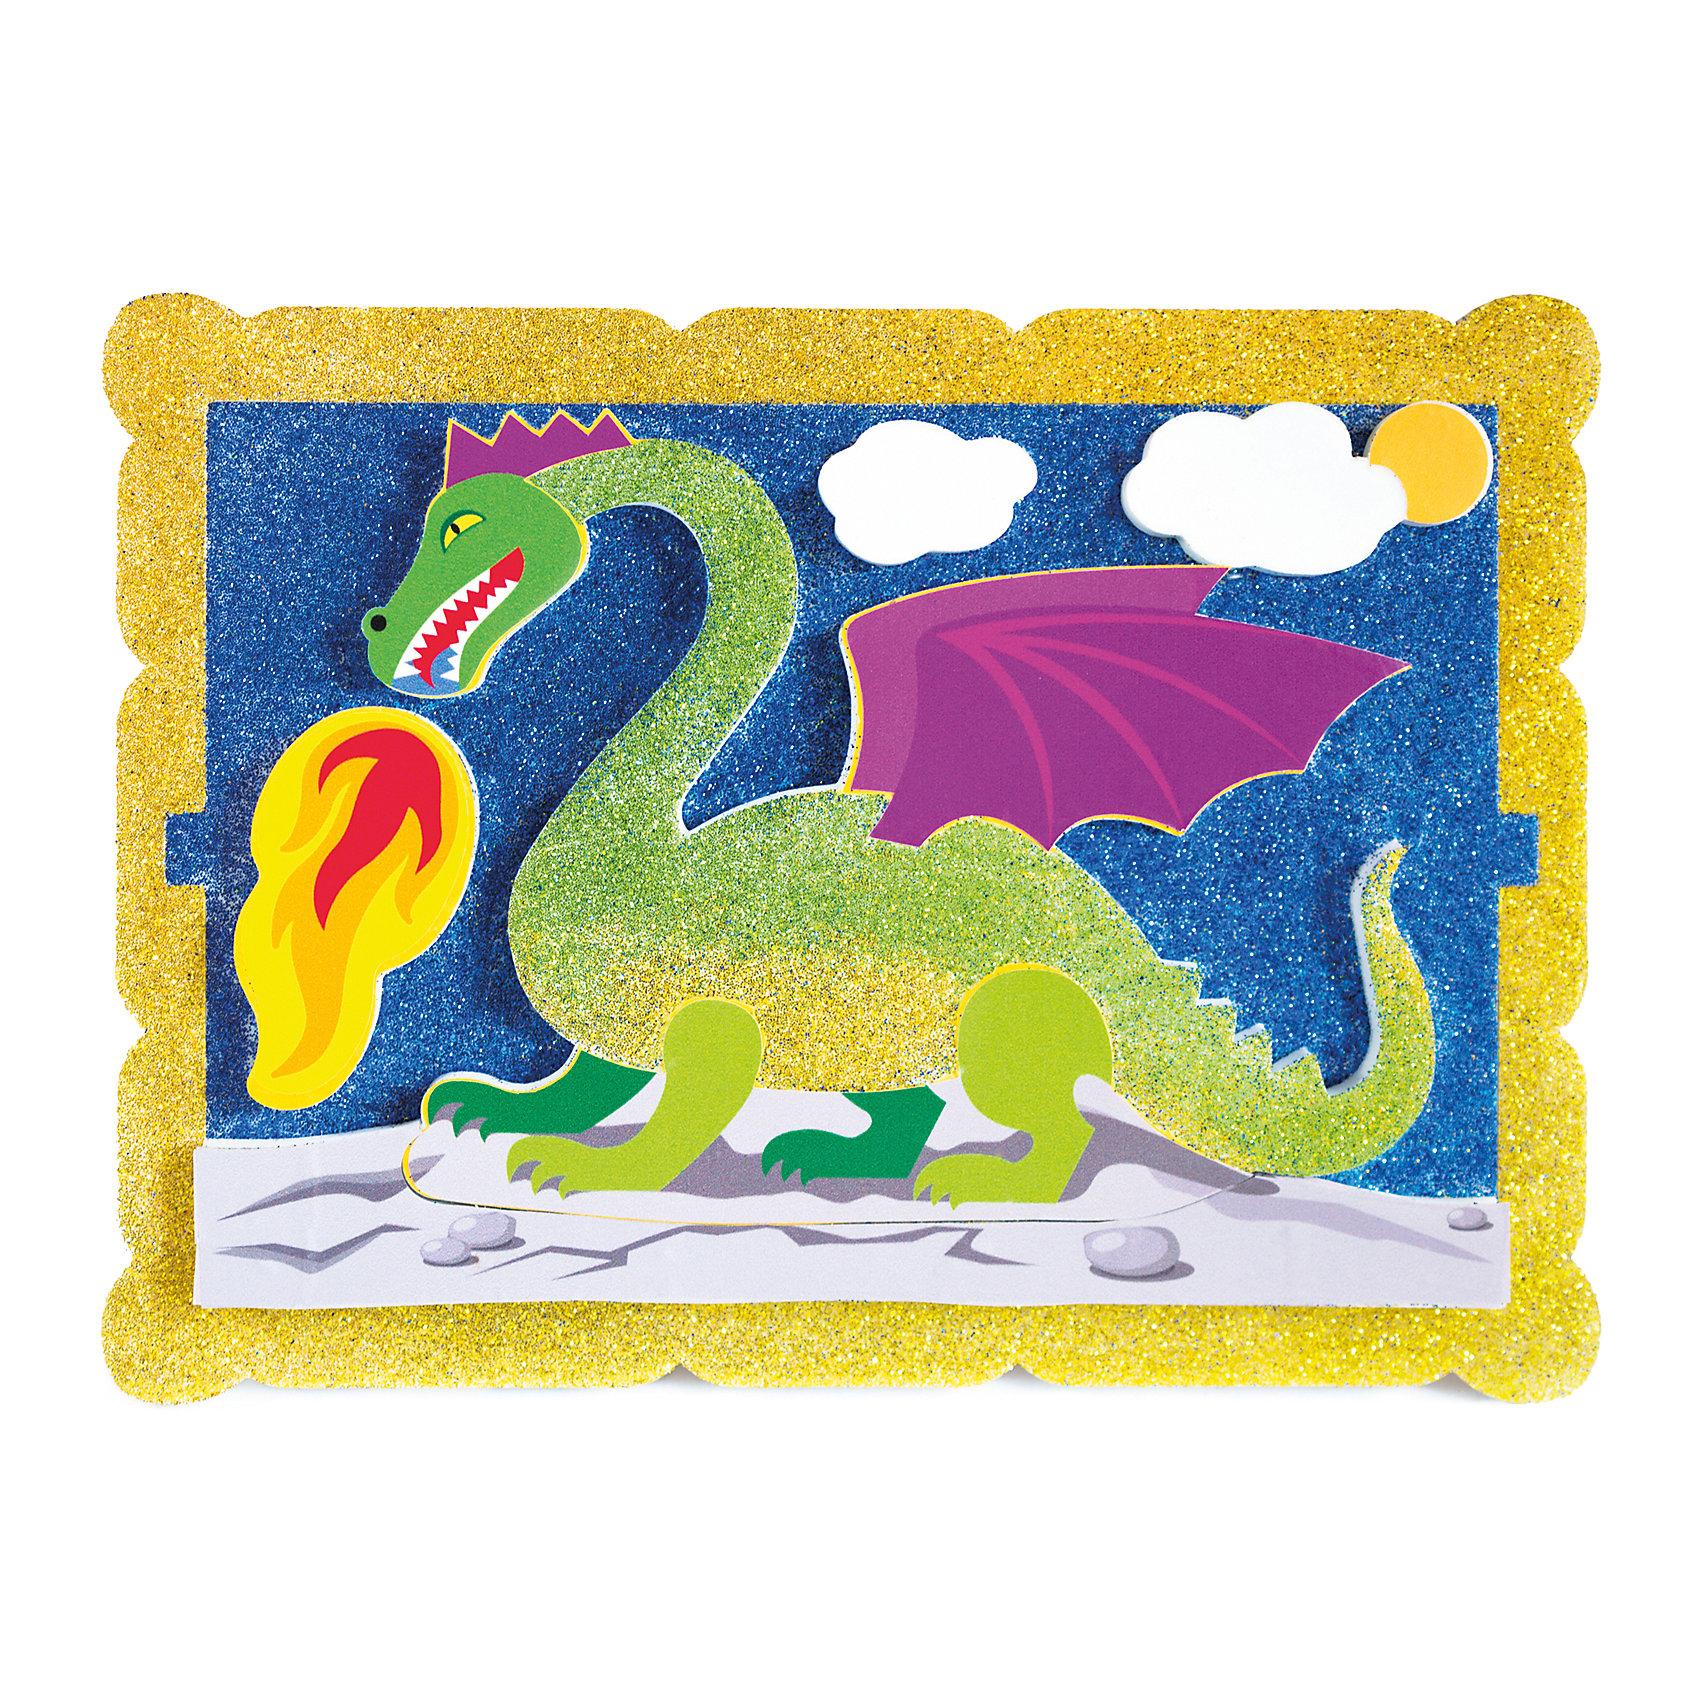 Набор для творчества Волшебный дракон PicnMixРукоделие<br>Набор для творчества Волшебный дракон -это объёмная красочная картина-аппликация, которая помогает тренировать зрительную память координацию движений и способствует развитию мелкой мотрики рук.<br><br>Ширина мм: 21<br>Глубина мм: 16<br>Высота мм: 5<br>Вес г: 140<br>Возраст от месяцев: 36<br>Возраст до месяцев: 120<br>Пол: Унисекс<br>Возраст: Детский<br>SKU: 5007393